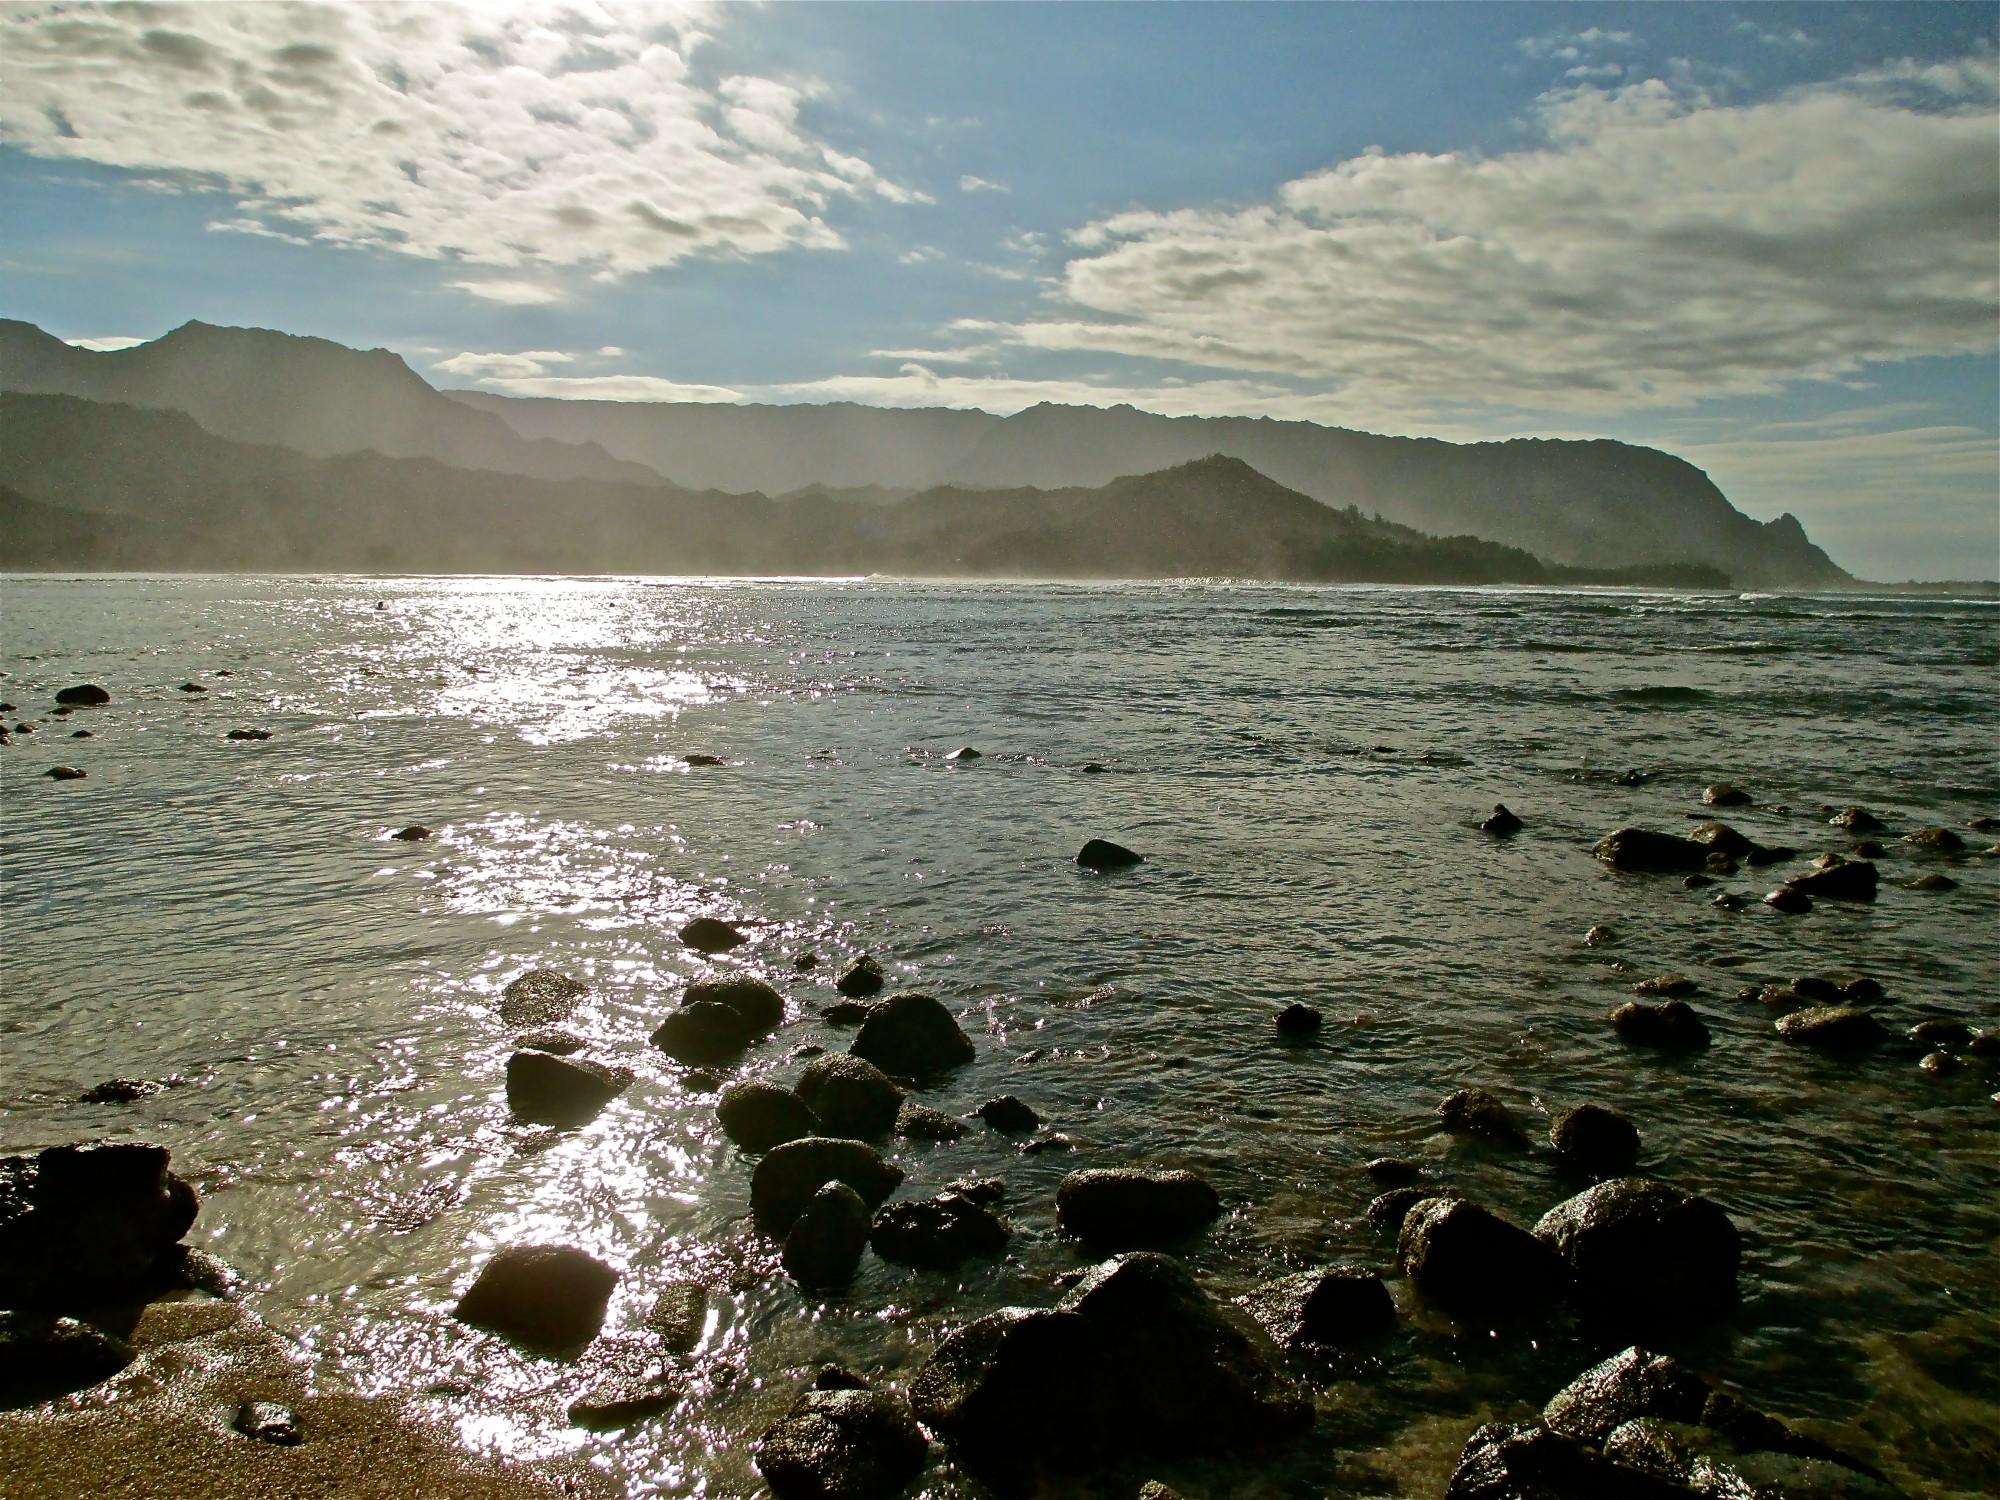 Path in the sea.